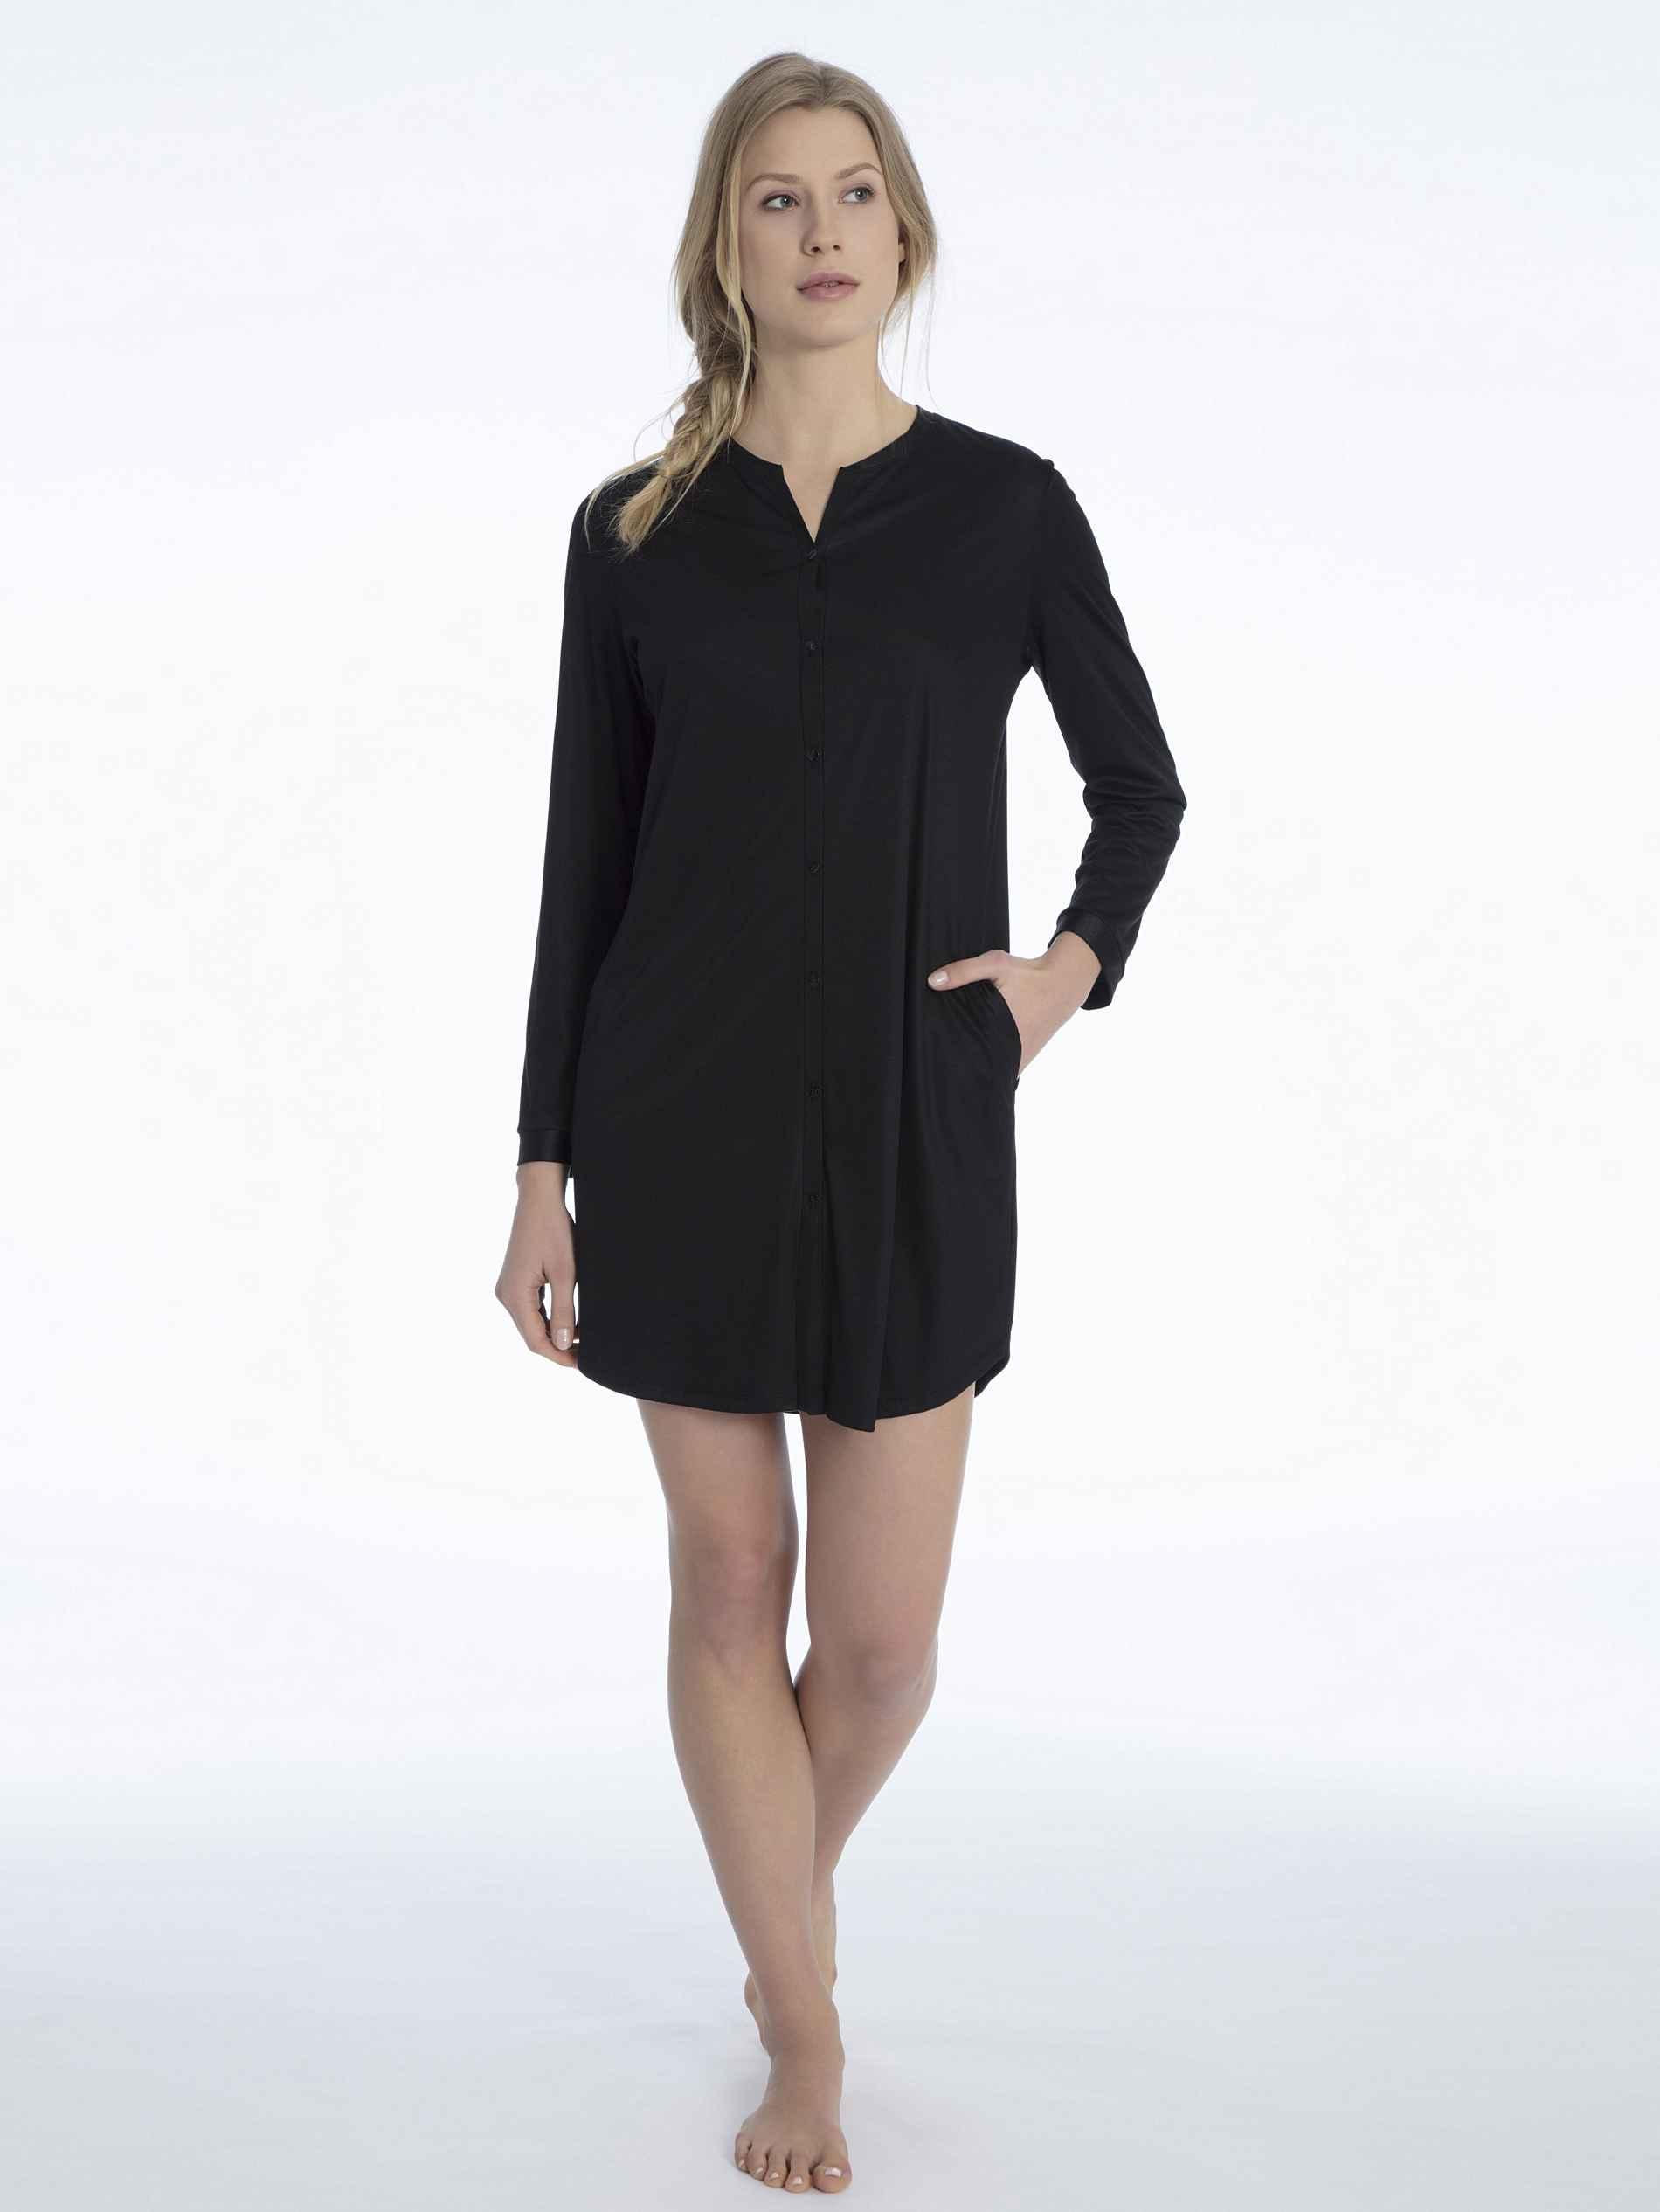 Damen CALIDA Isabella Seiden-Sleepshirt, geknöpft Länge 90cm schwarz   07613381057704